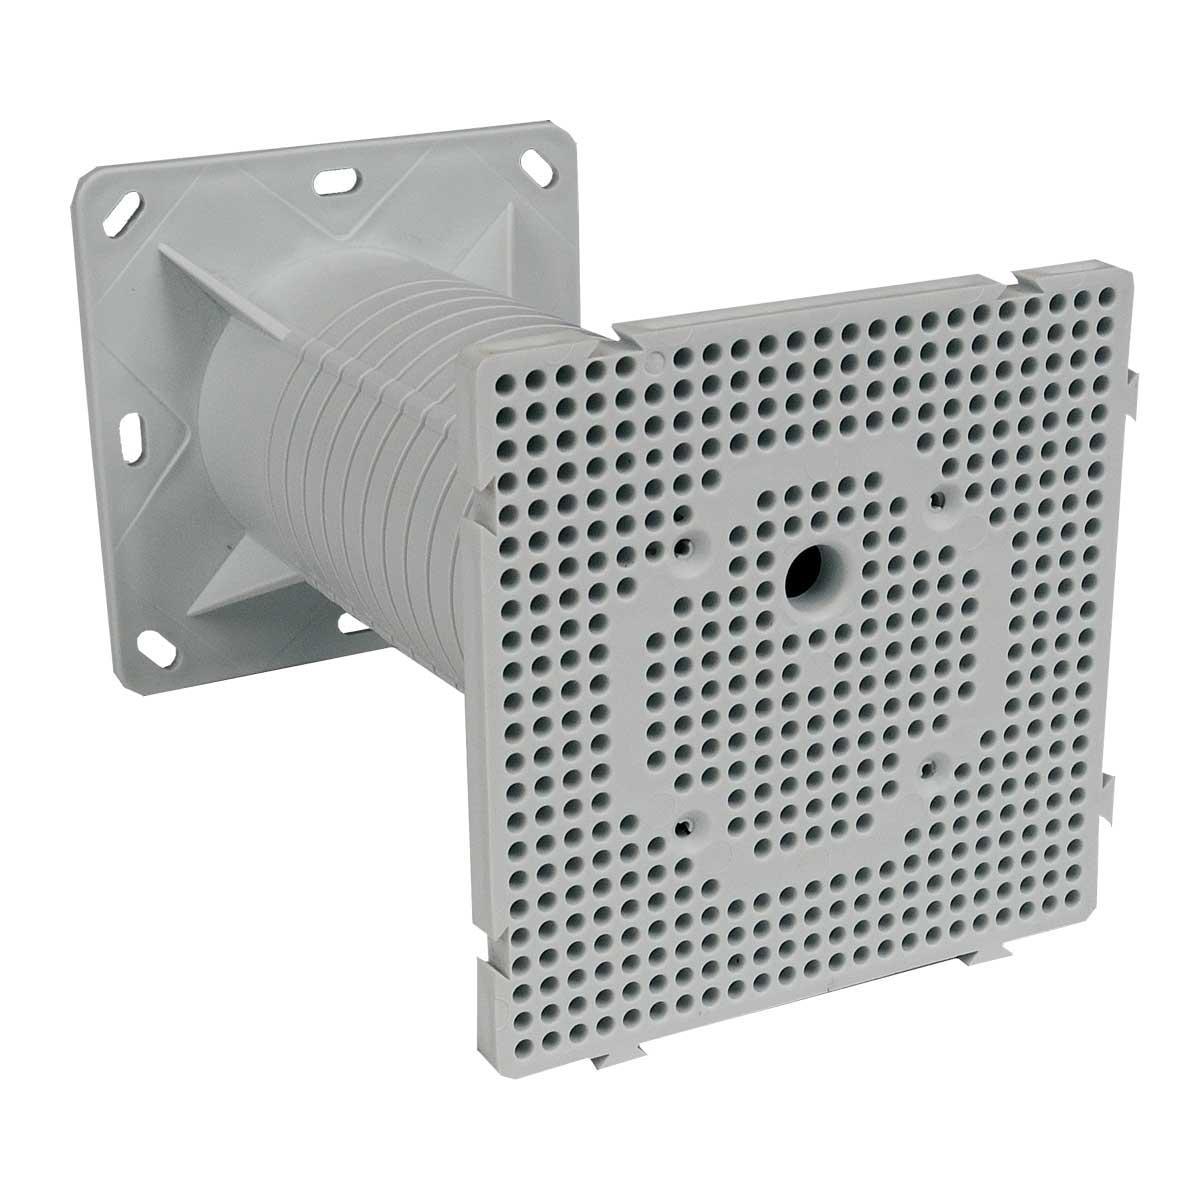 Монтажна панель для установки зовнішнього електрообладнання (використовується при термоізоляції будівель) матеріал -ПП; розміри 120х120х200мм